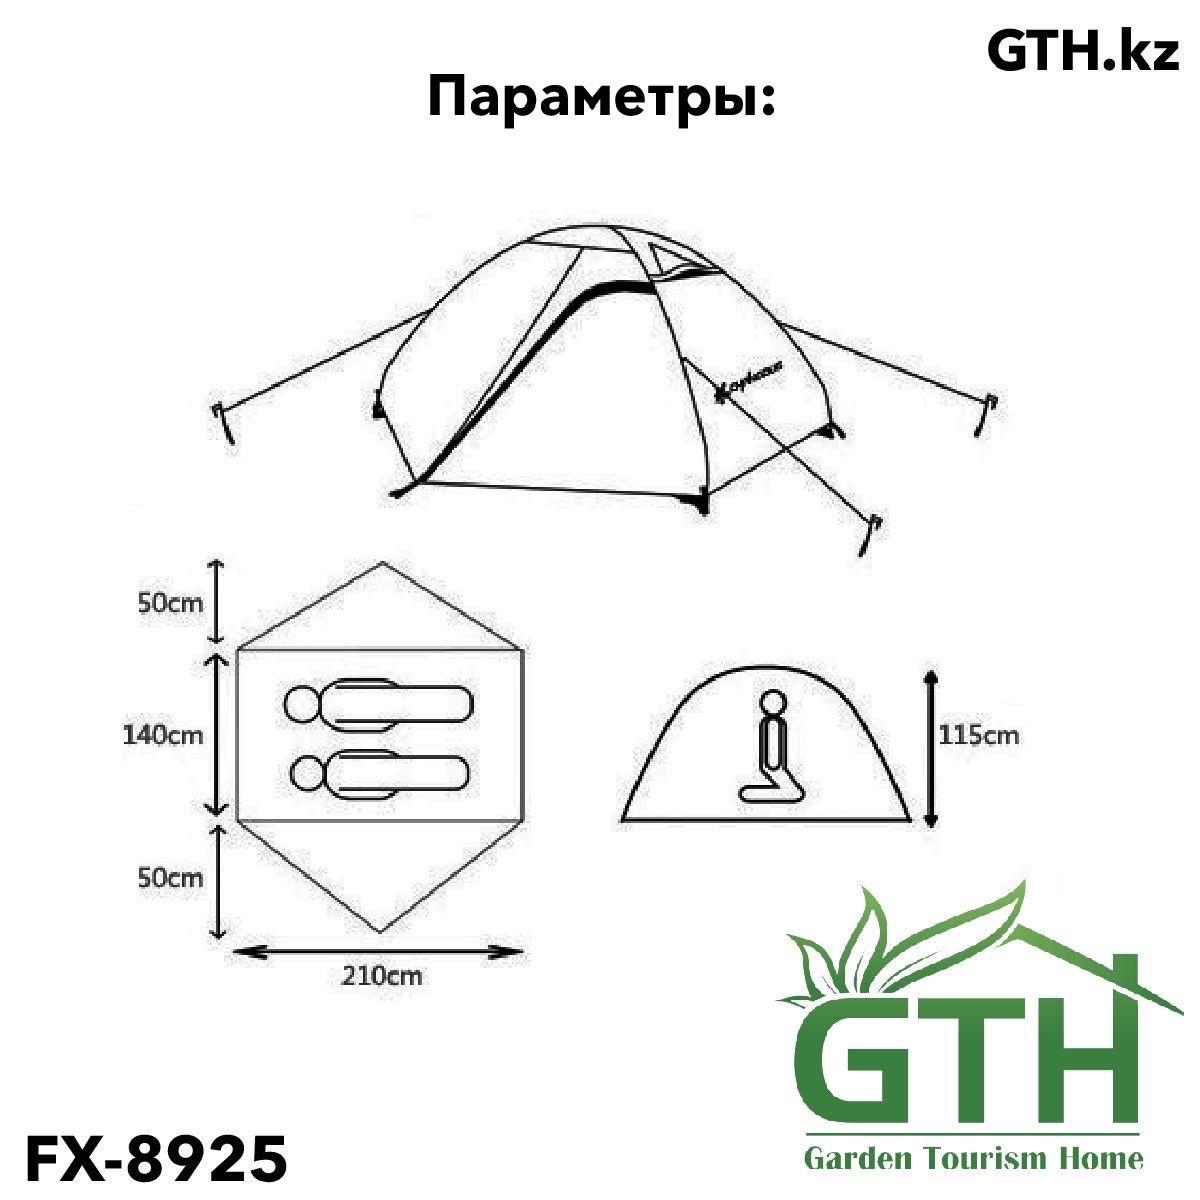 Горные палатки Chanodug FX-8935. Двухместные, двухслойные. Доставка. - фото 6